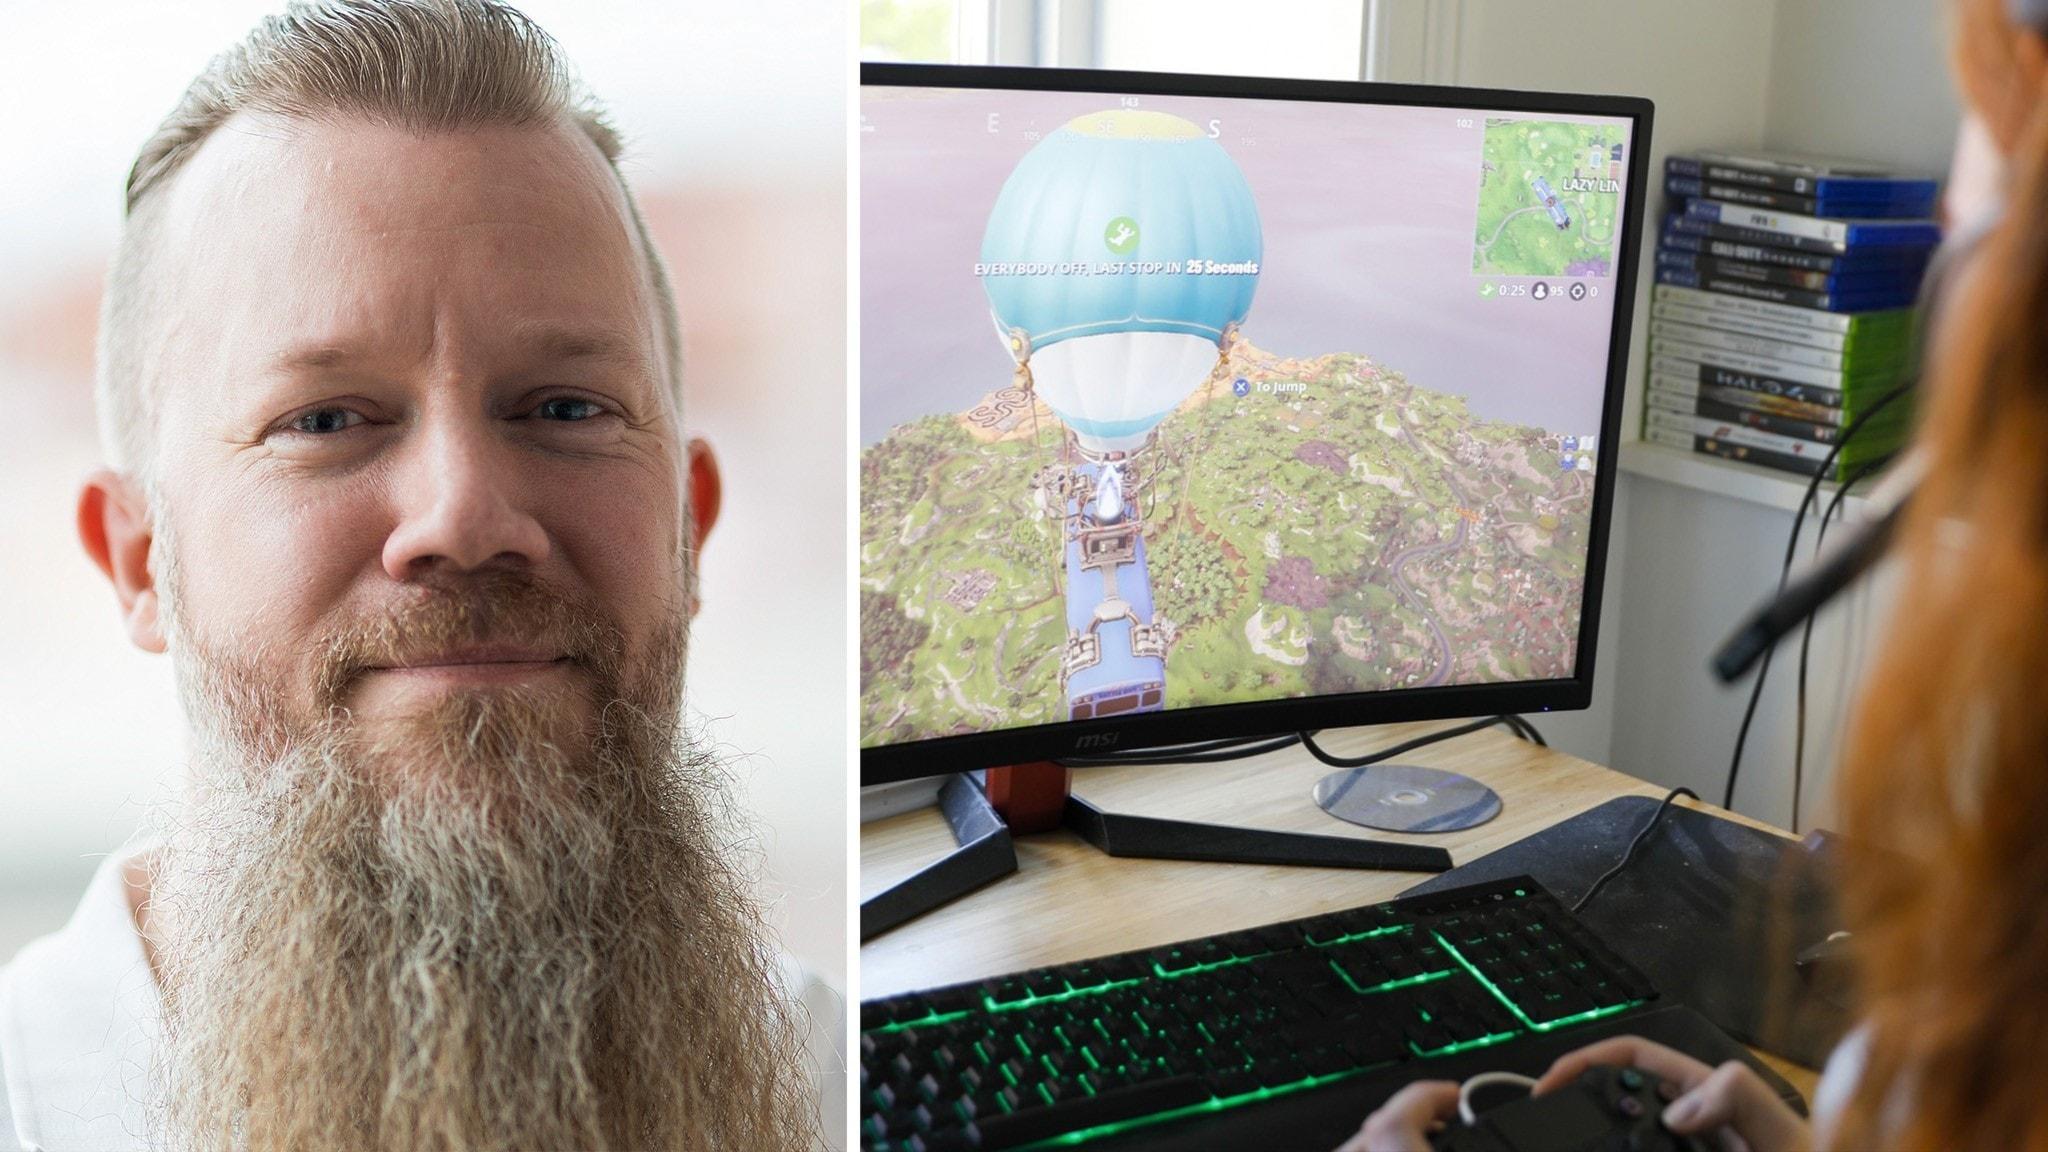 En man med skägg och en bild på en tjej som spelar datorspel.